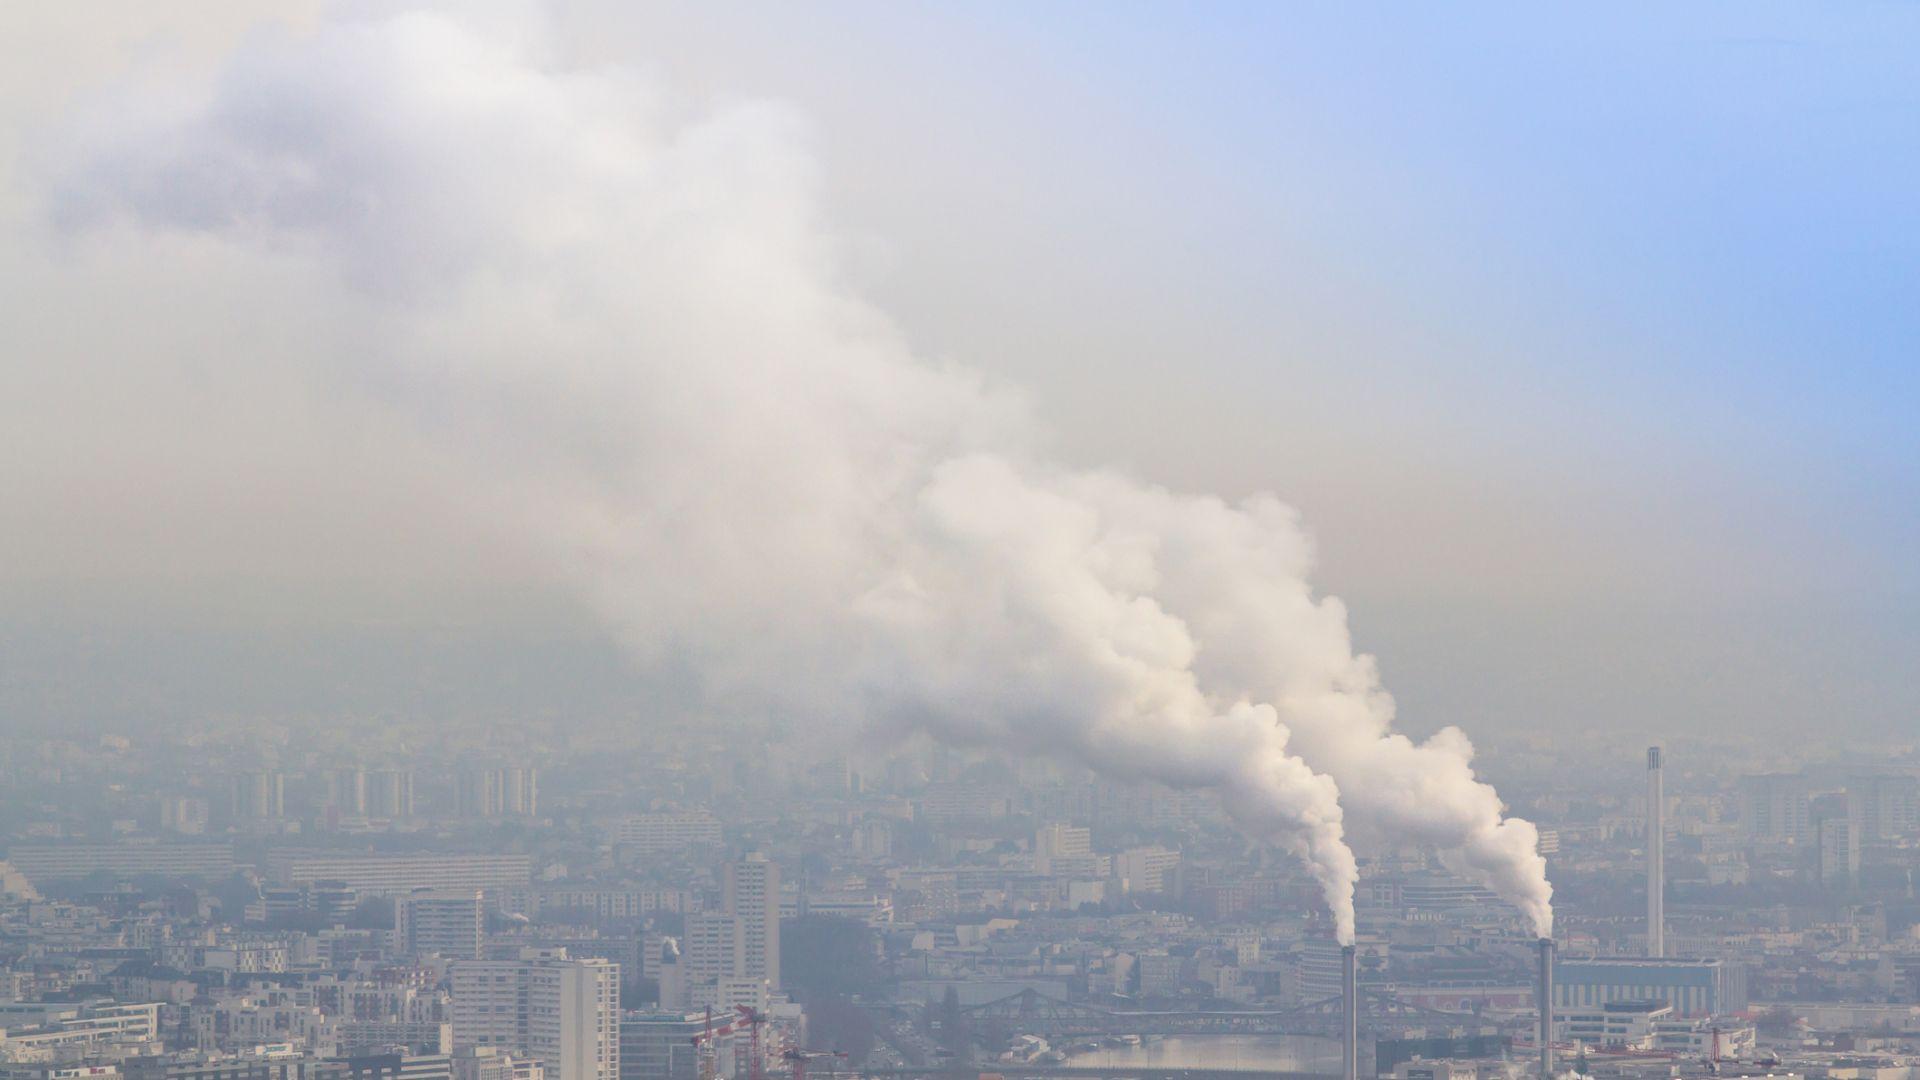 Френски съд осъди страната да плати 10 млн. евро заради замърсяване на въздуха